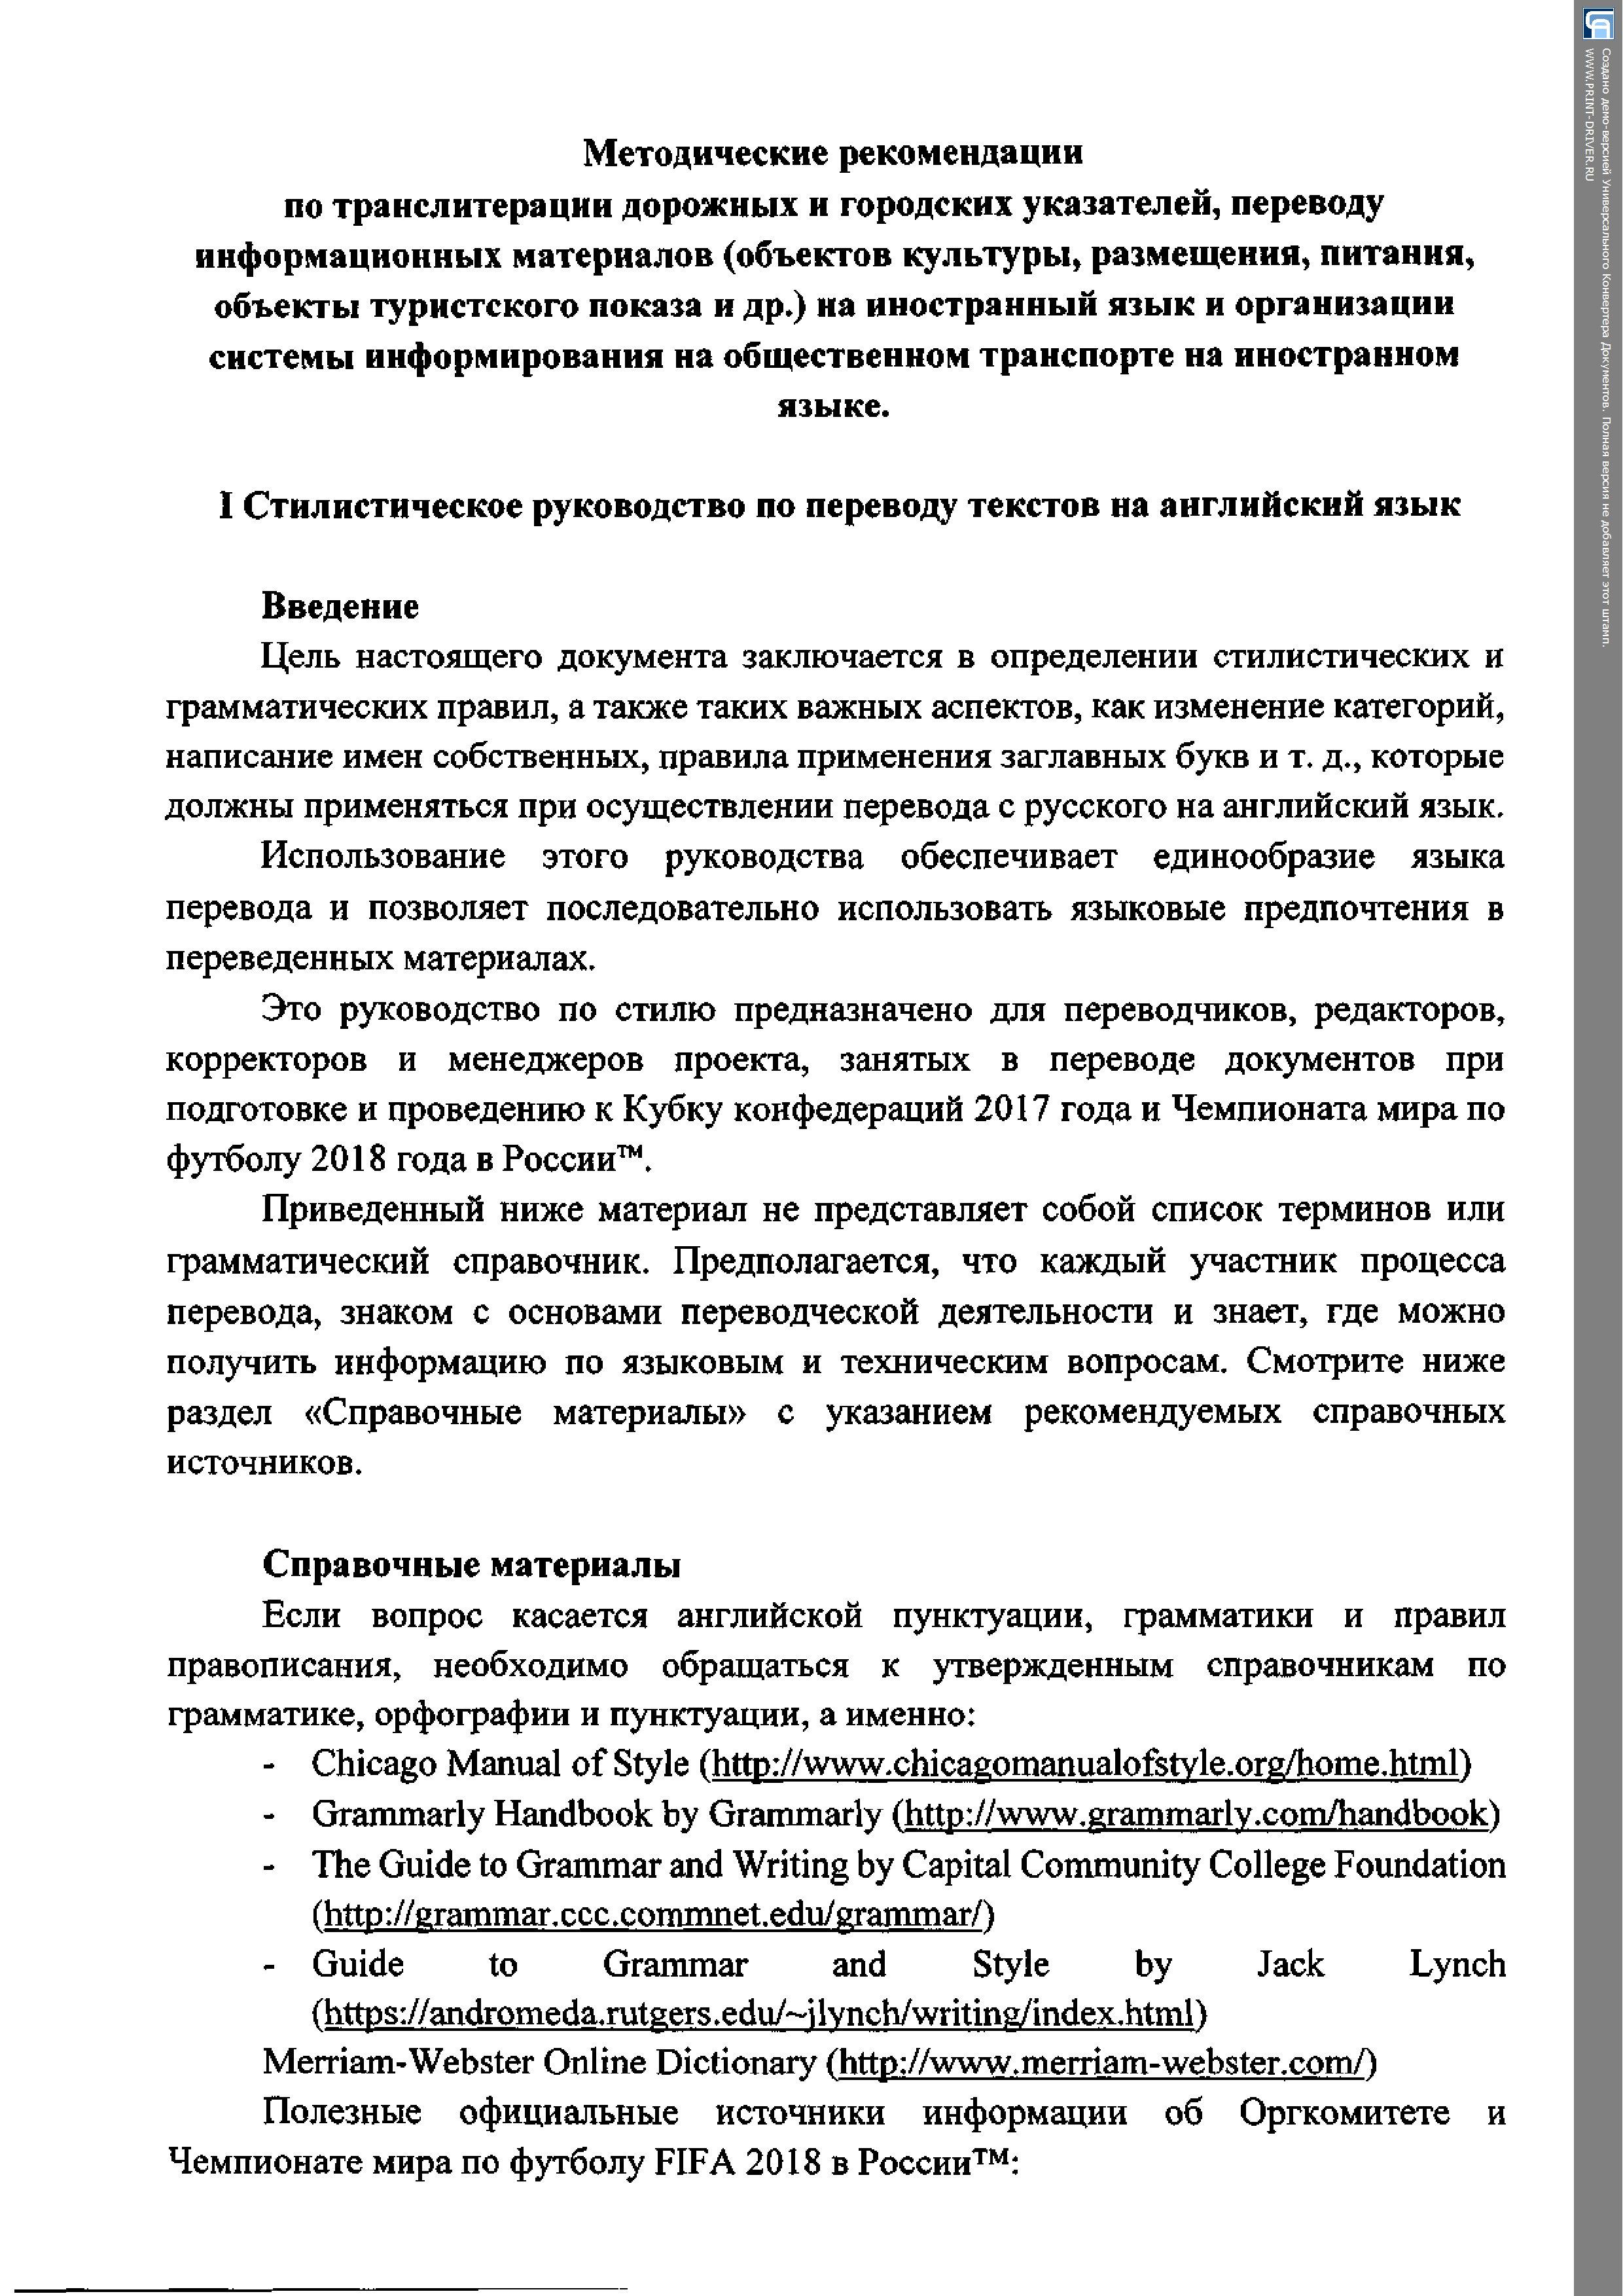 в каком году киев стал столицей руси